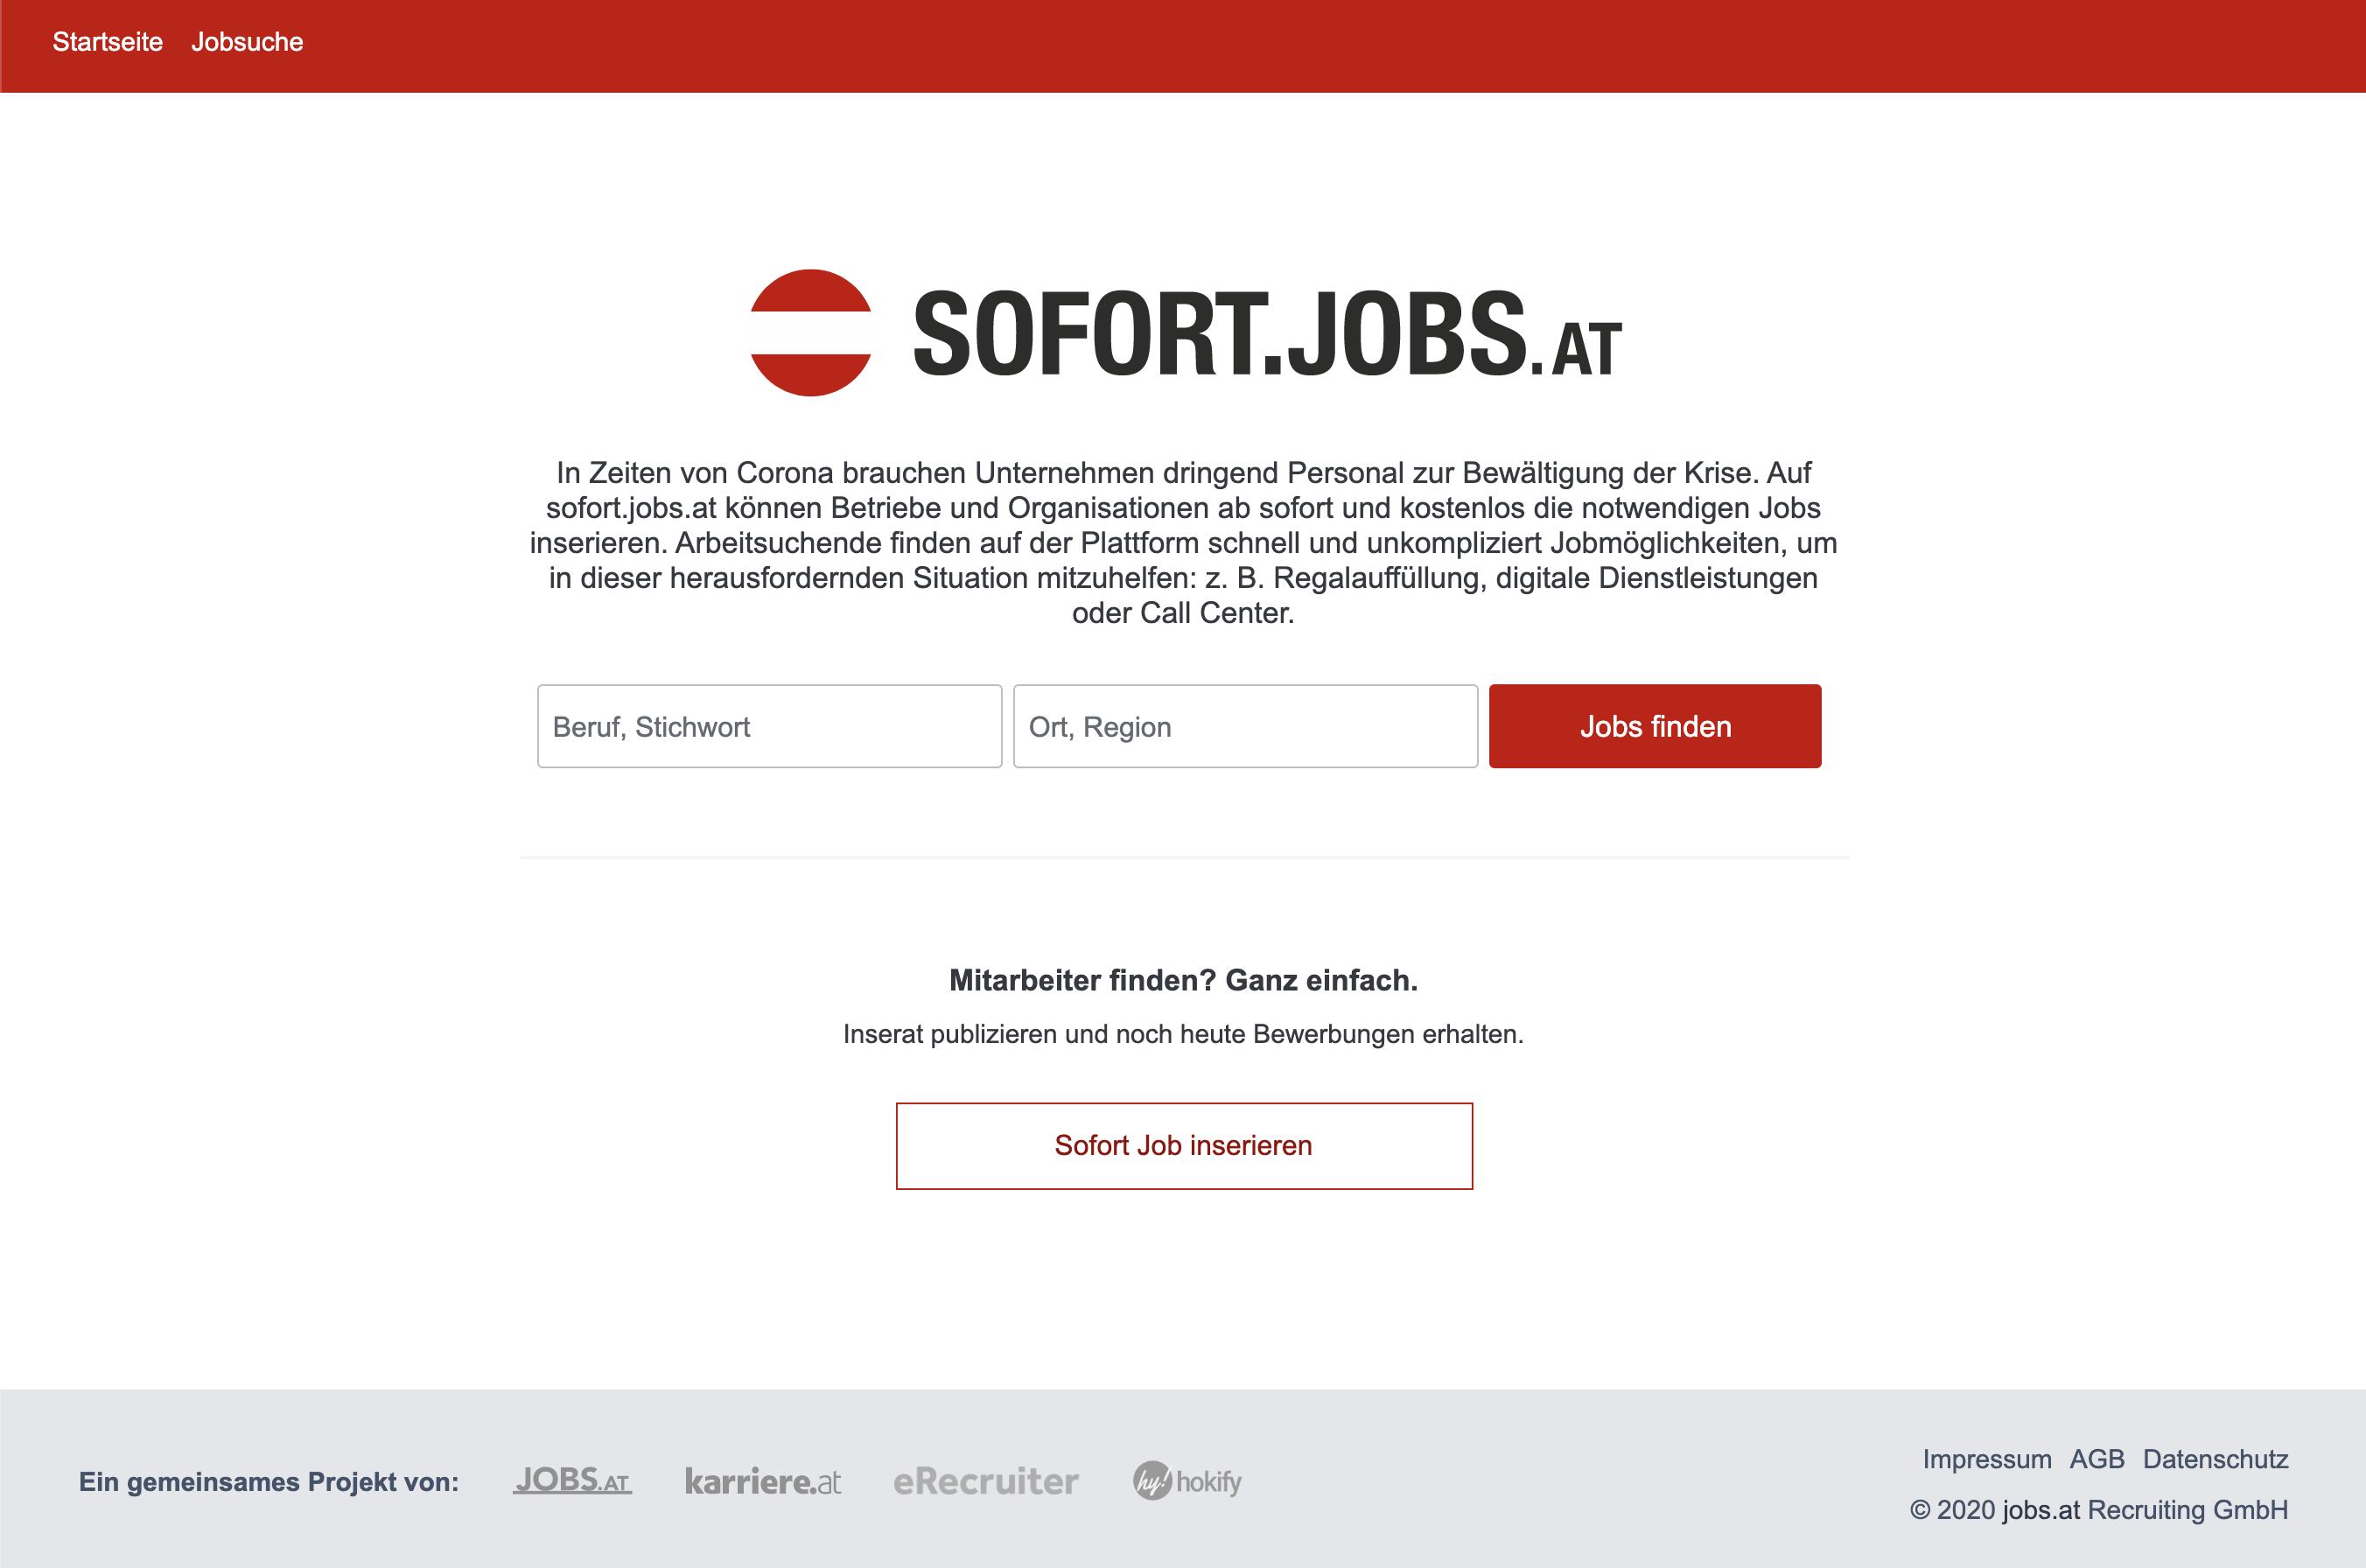 sofort.jobs.at